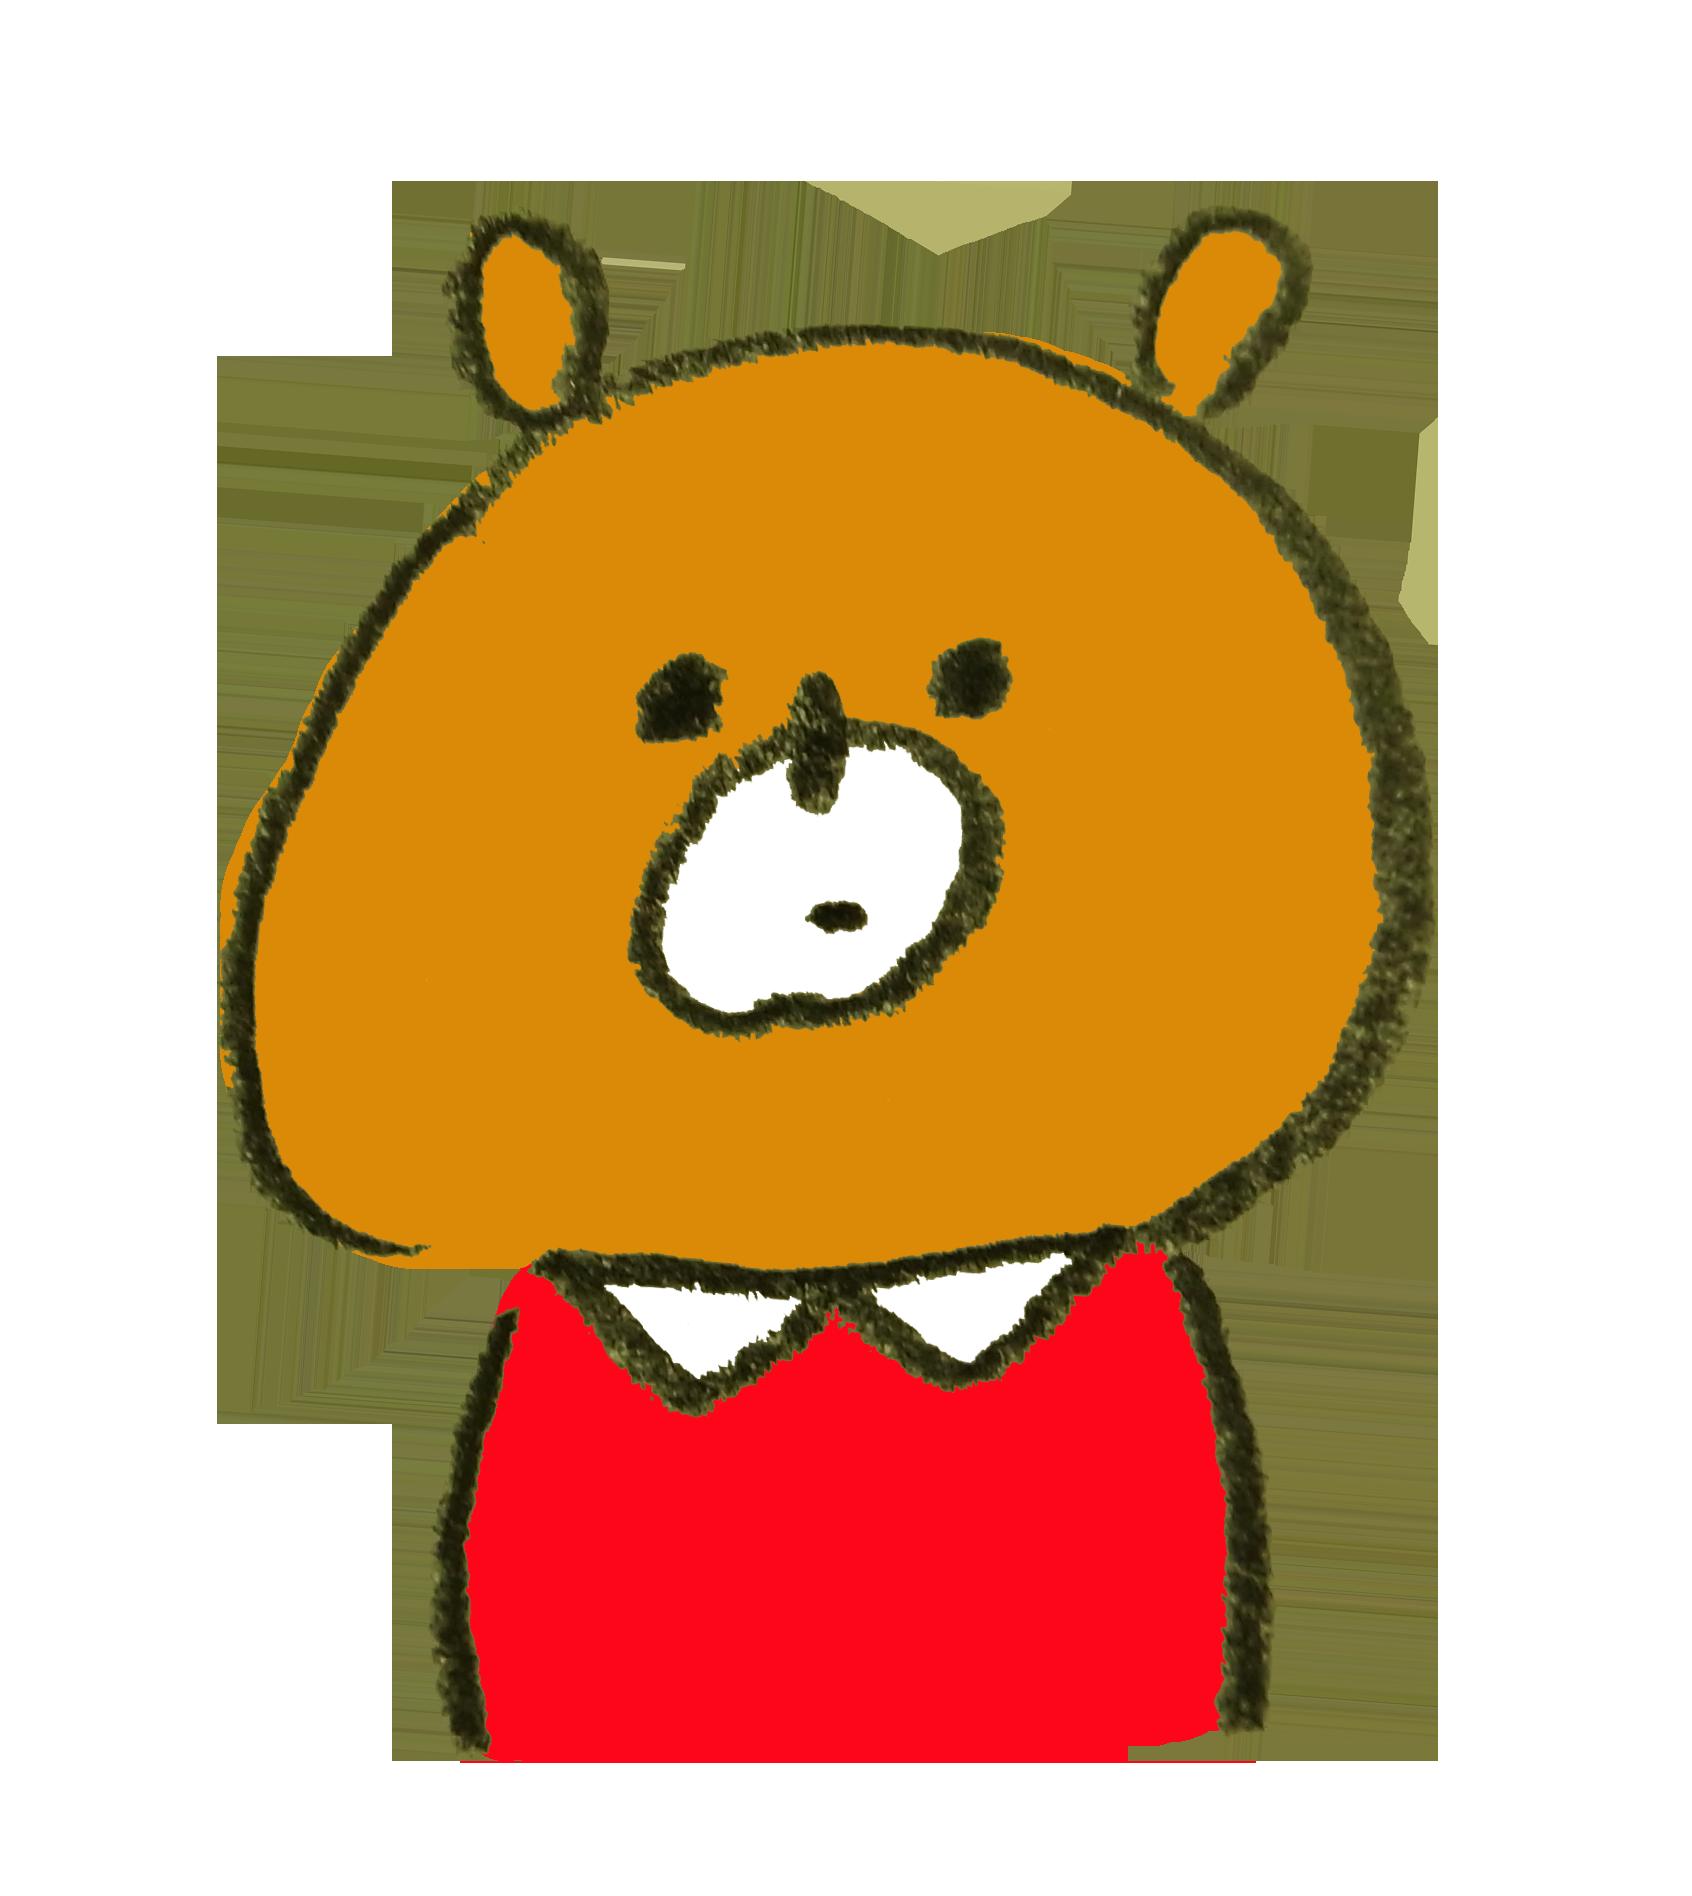 服を着ている熊のイラスト | ゆるくてかわいい無料イラスト素材屋